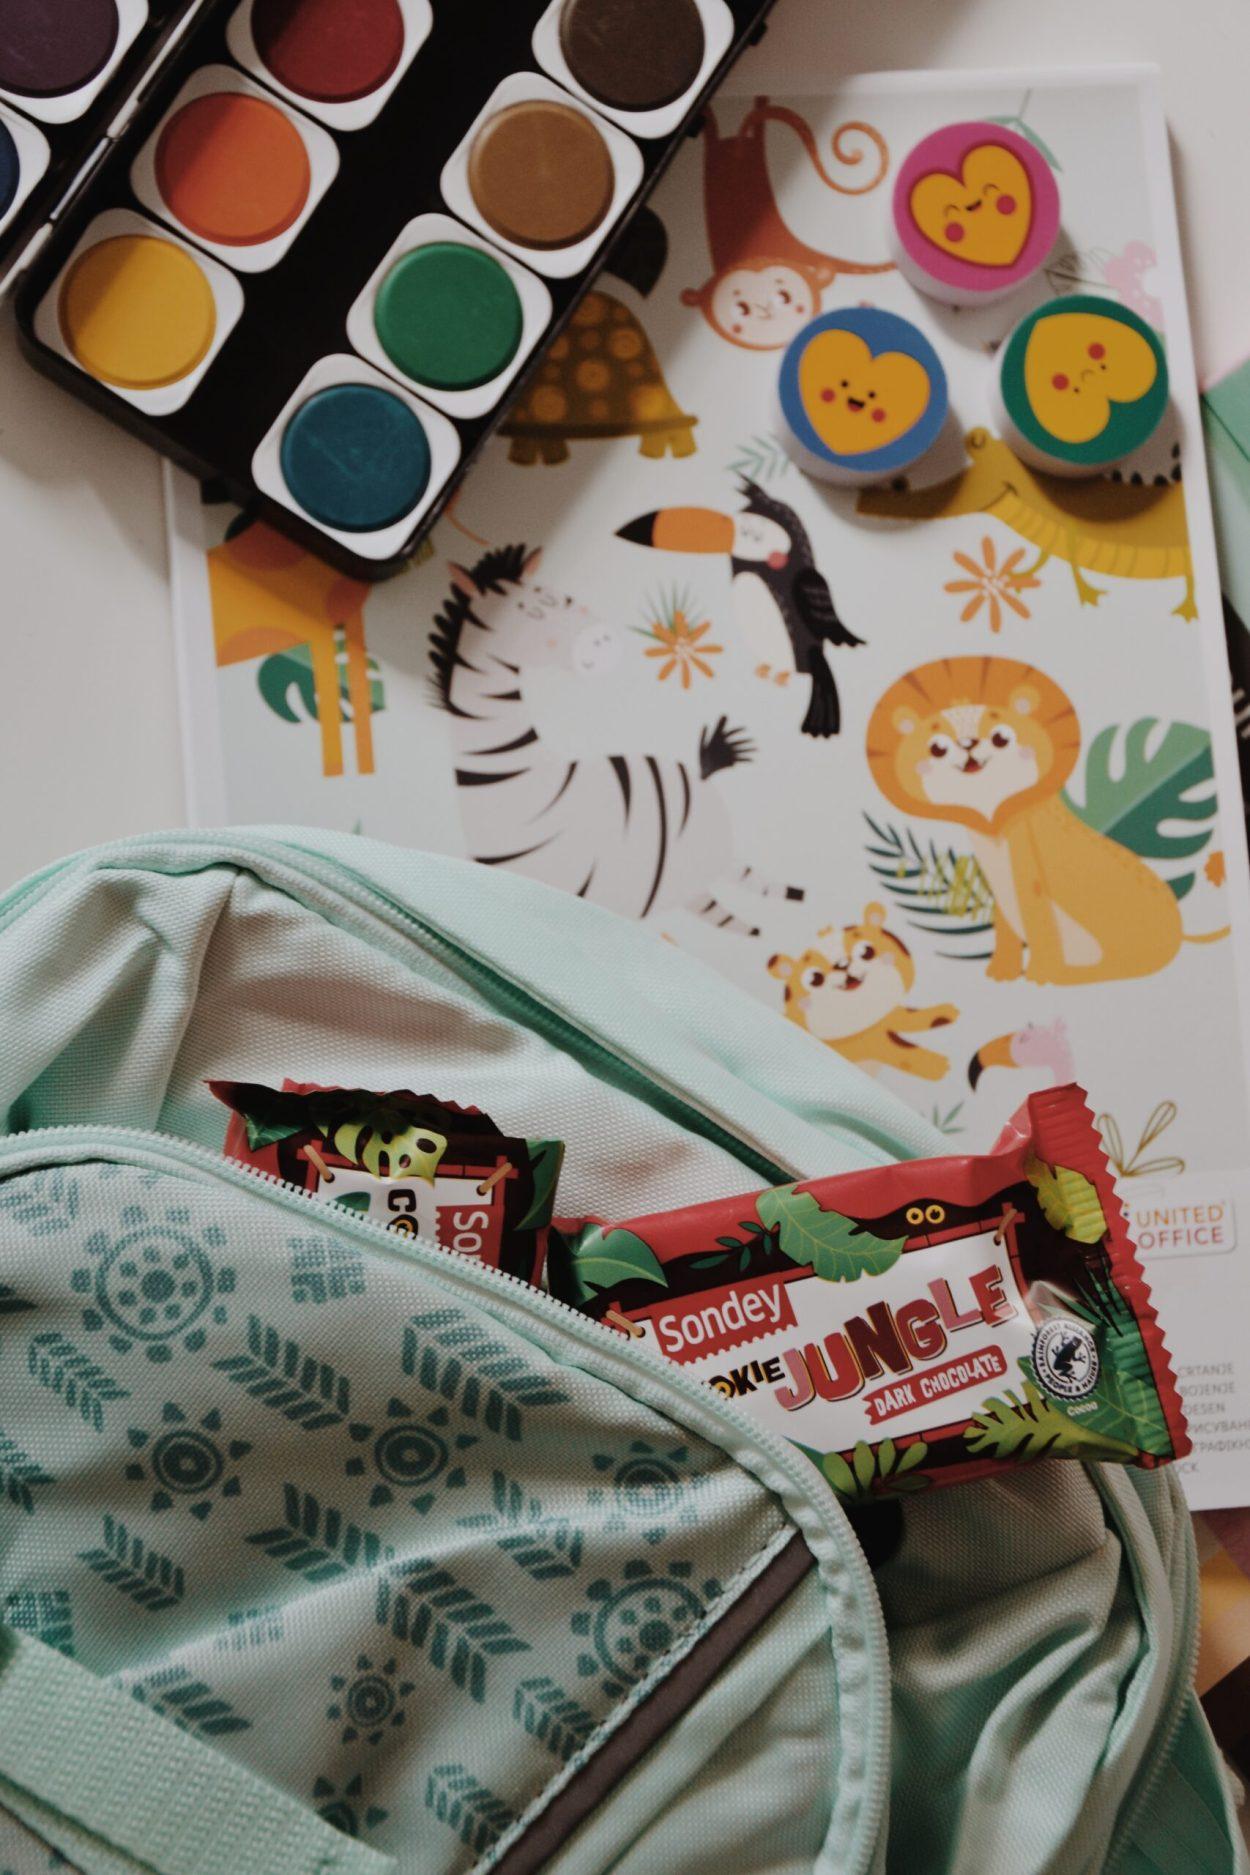 ruksak TOPMOVE 99,99kn; Jungle keksi s tamnom čokoladom 9,99kn; gumice za brisanje 4,99kn; vodene bojice 19,99kn: blok za crtanje11kn